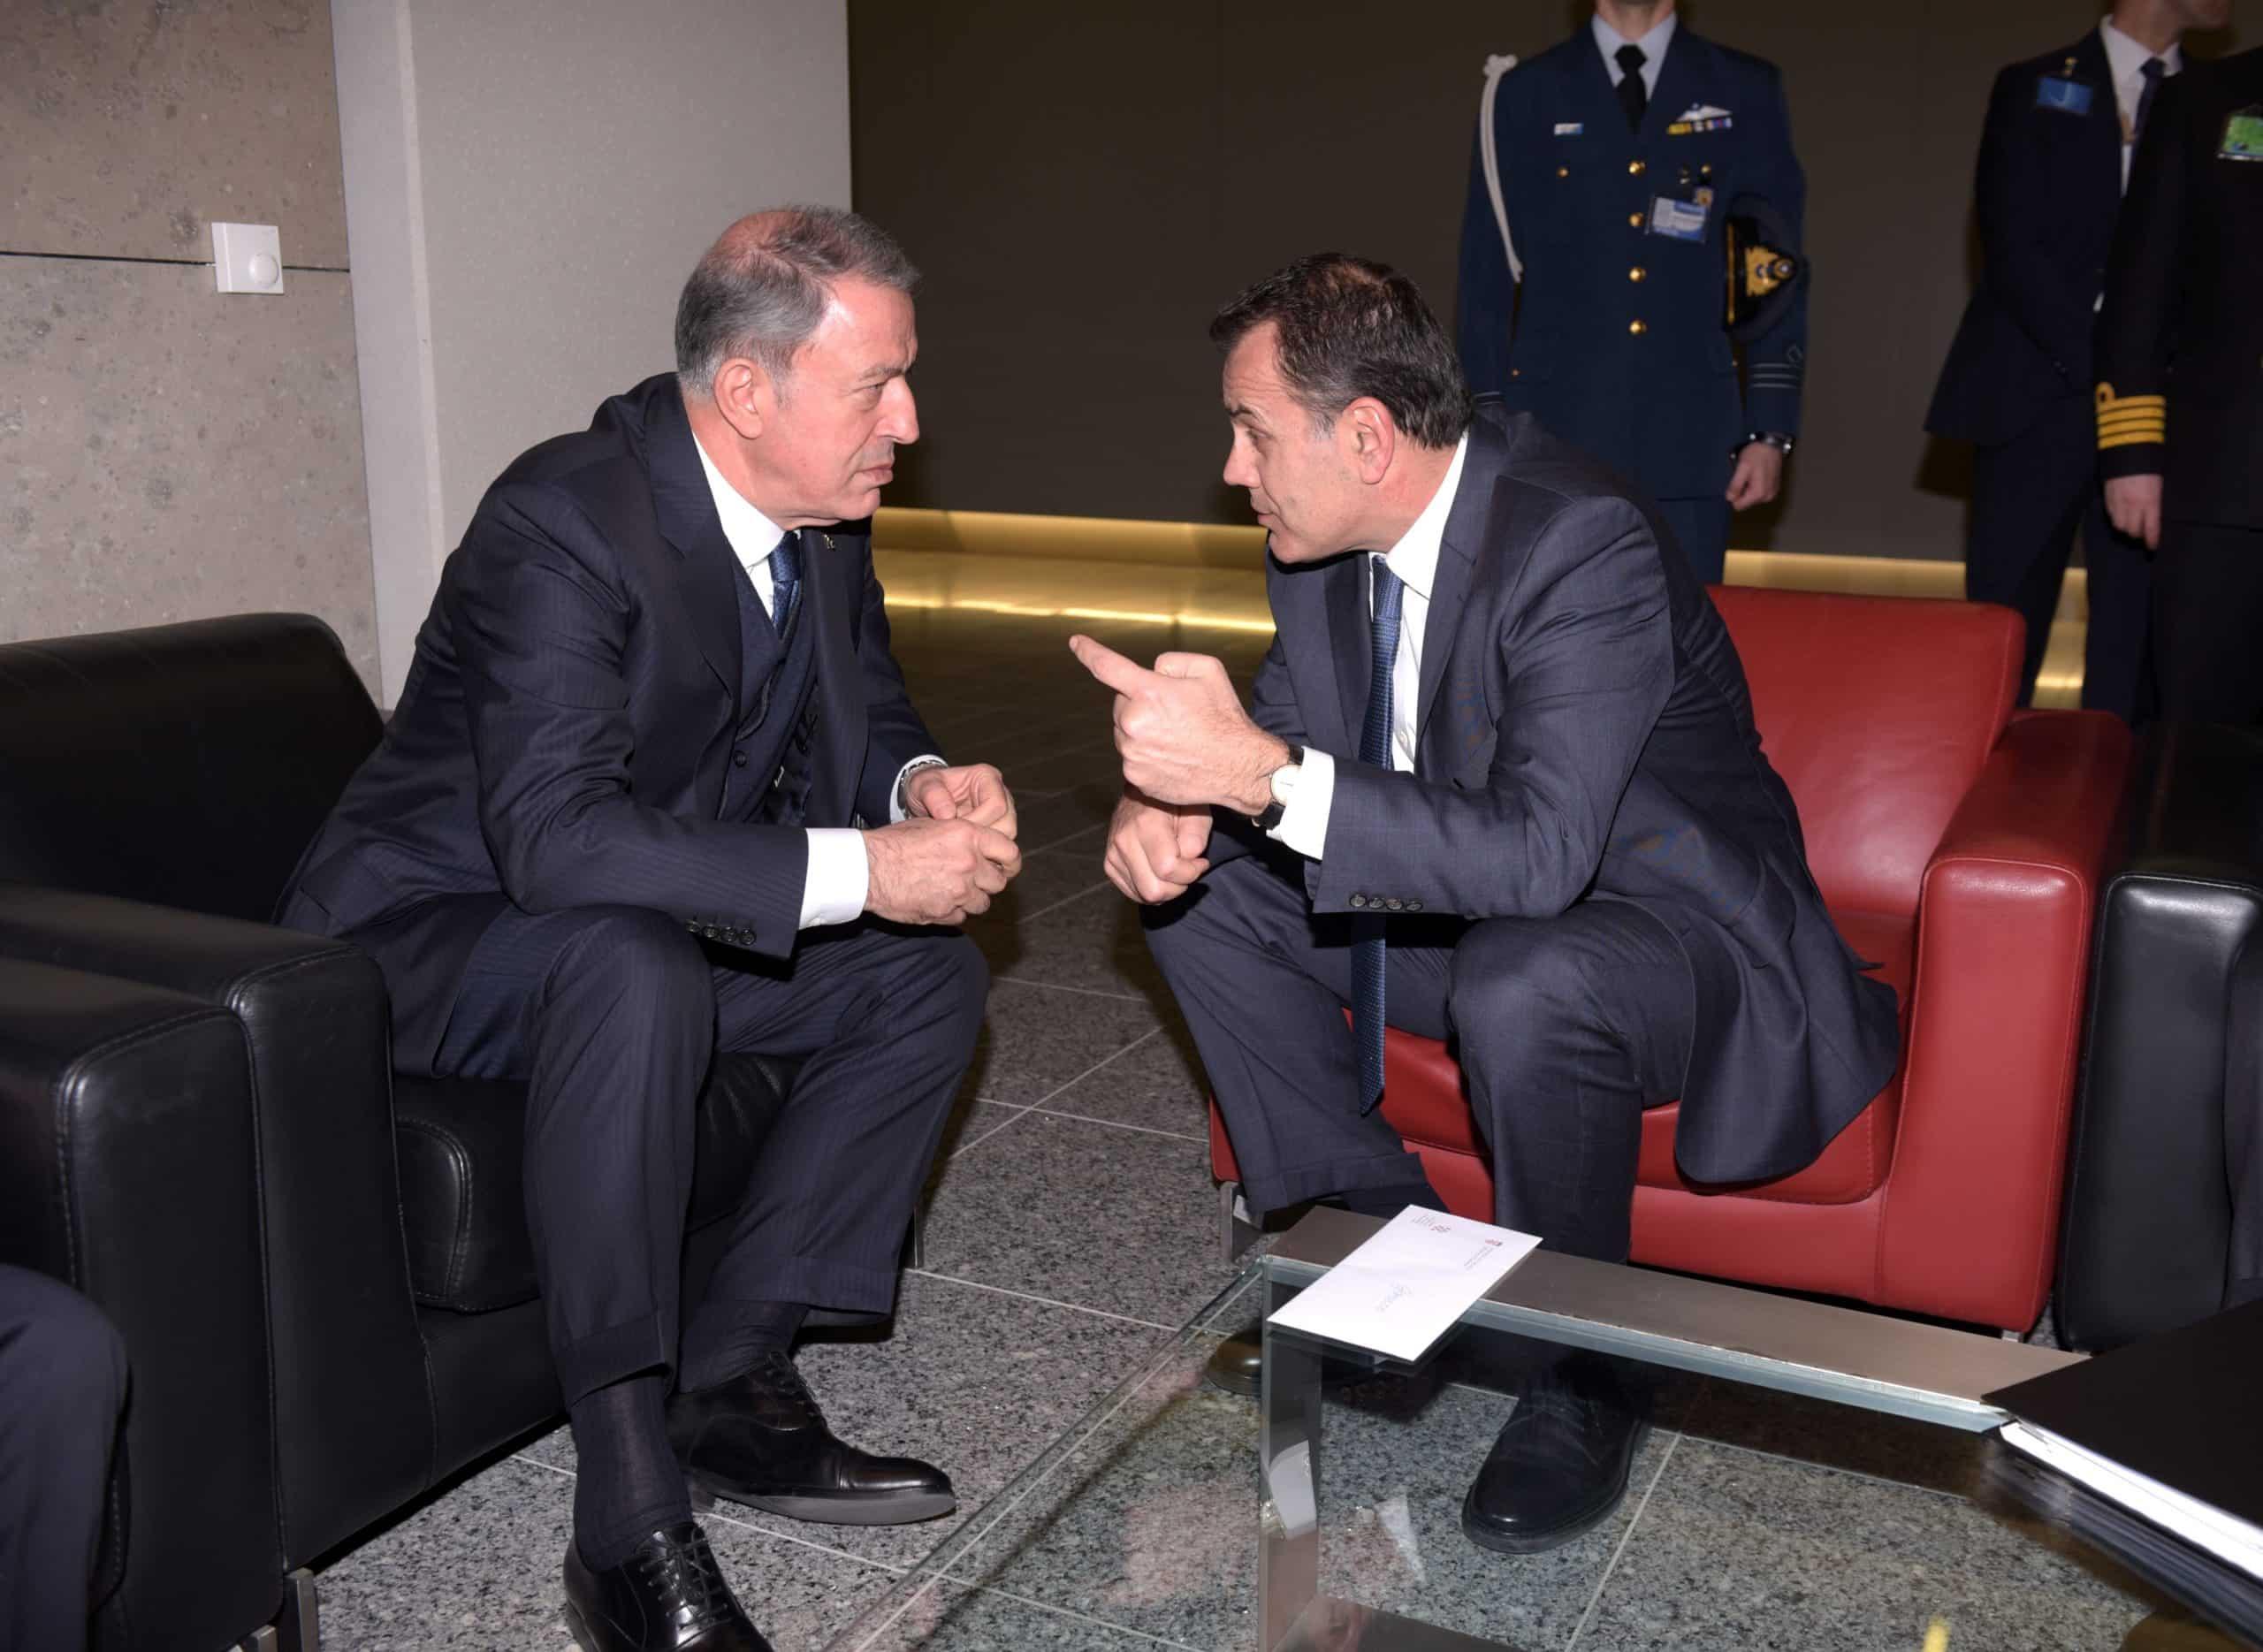 Έλληνας υπουργός Εθνικής Άμυνας, Νίκος Παναγιωτόπουλος, συναντήθηκε με τον Τούρκο ομόλογό του, Χουλούσι Ακάρ, στο πλαίσιο της συνόδου του ΝΑΤΟ.